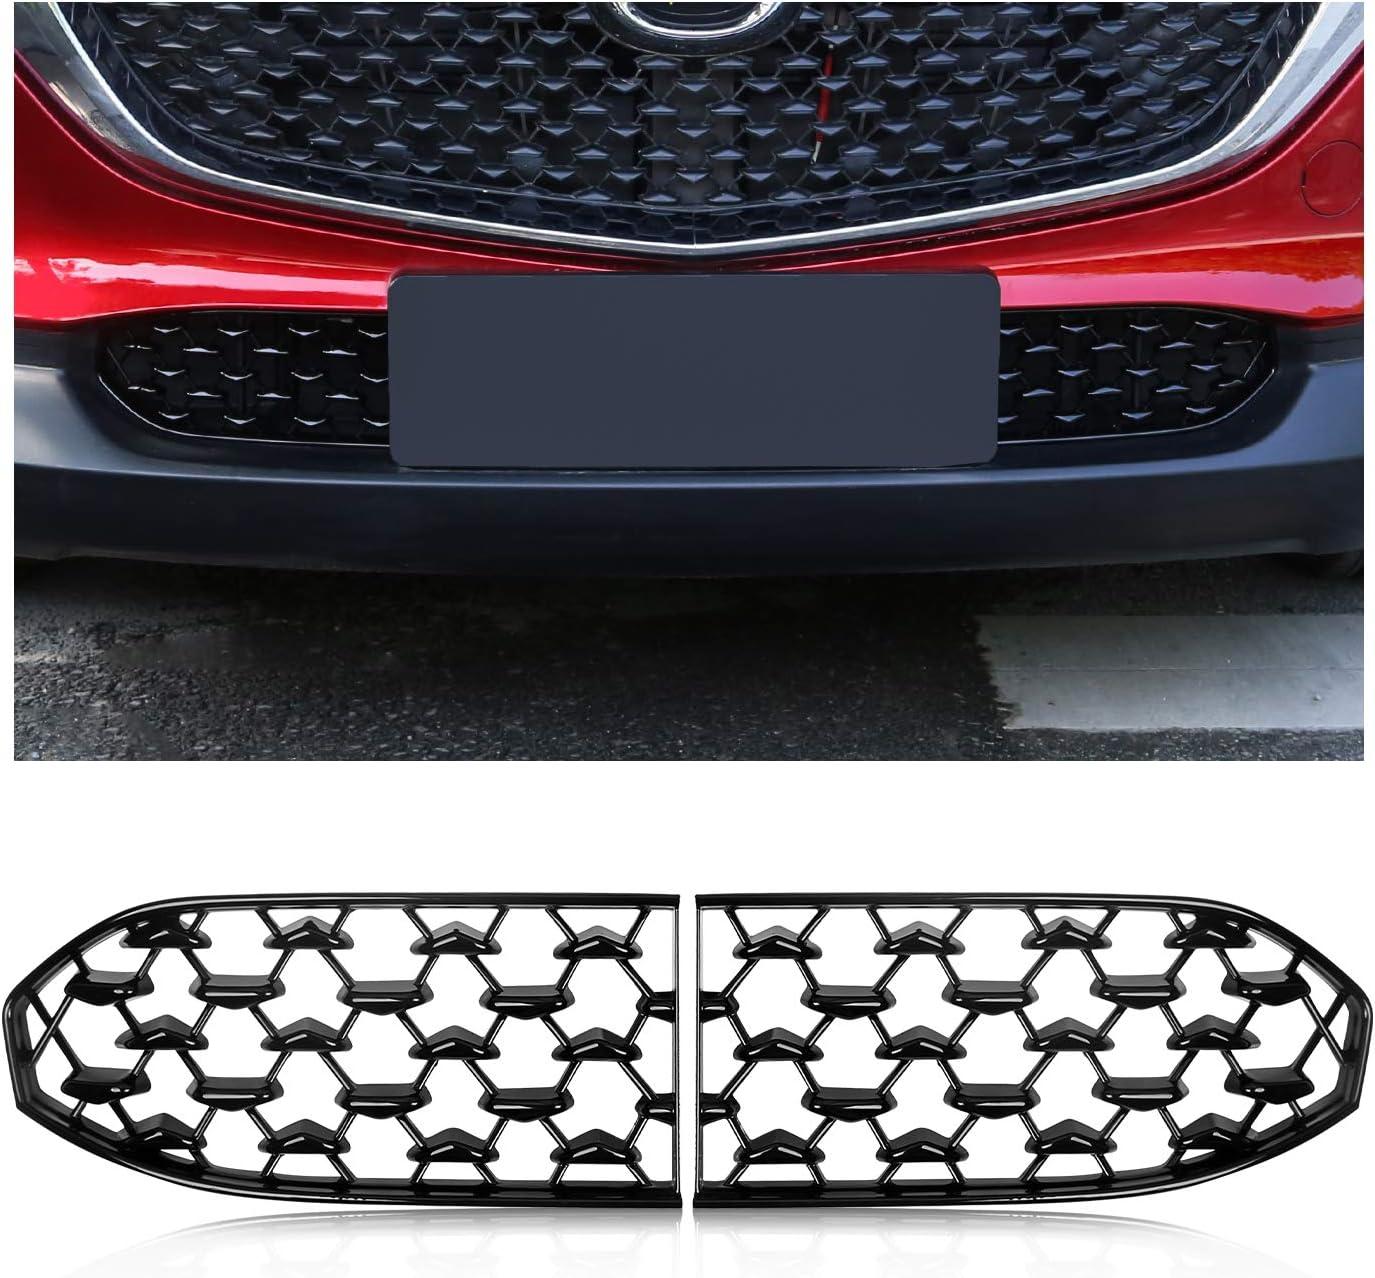 2 Stück Cdefg Für Cx30 Cx 30 Front Kühlergrille Frills Frontstoßstangenmaske Auto Grill Modifiziertes Zubehör Auto